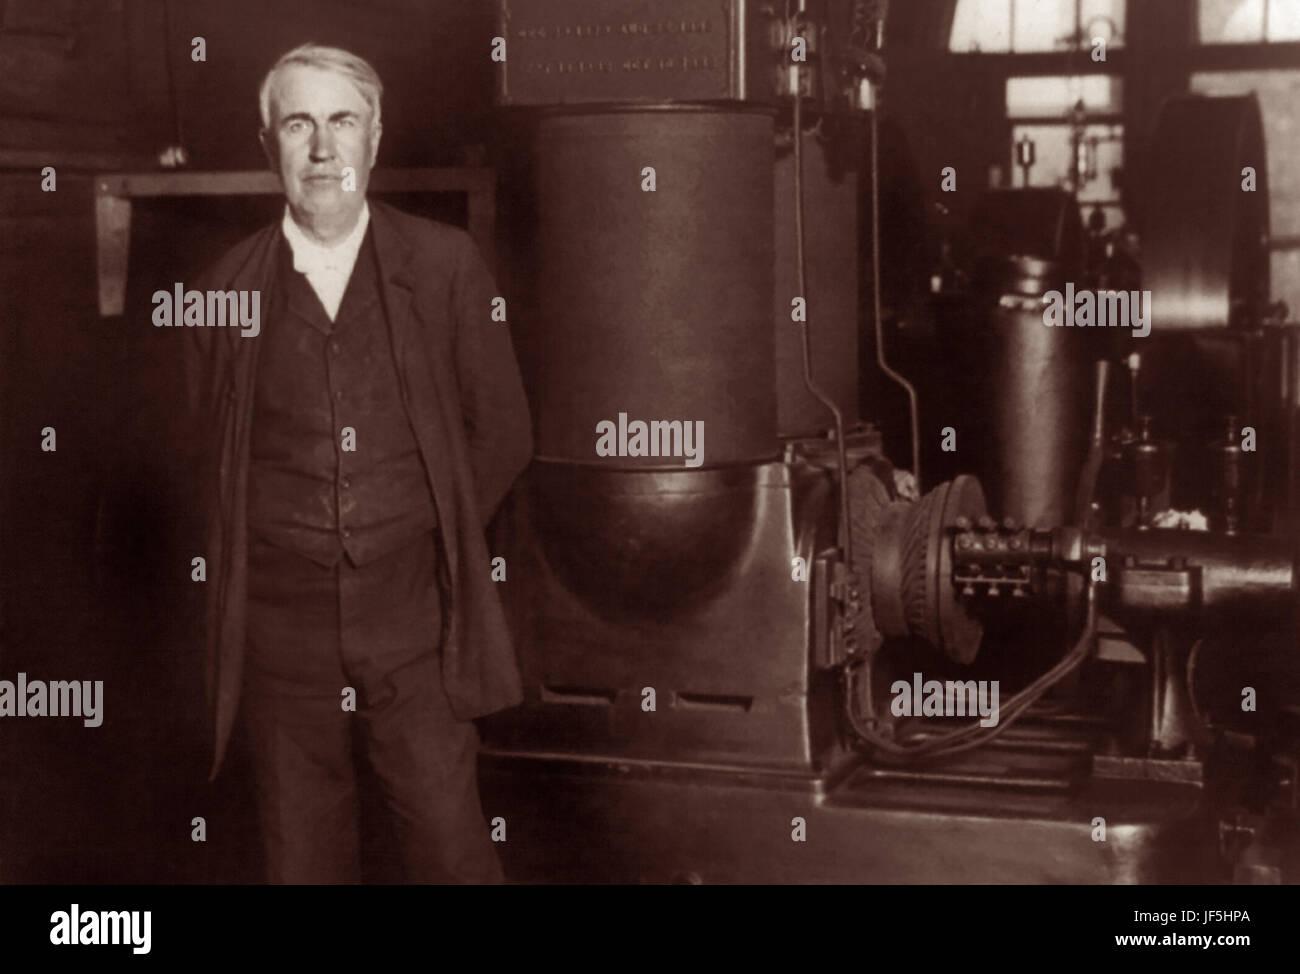 Thomas Alva Edison (1847-1931), inventeur et homme d'affaires américain, debout avec sa dynamo d'origine à Edison travaille à Orange, New Jersey, c1906. Banque D'Images